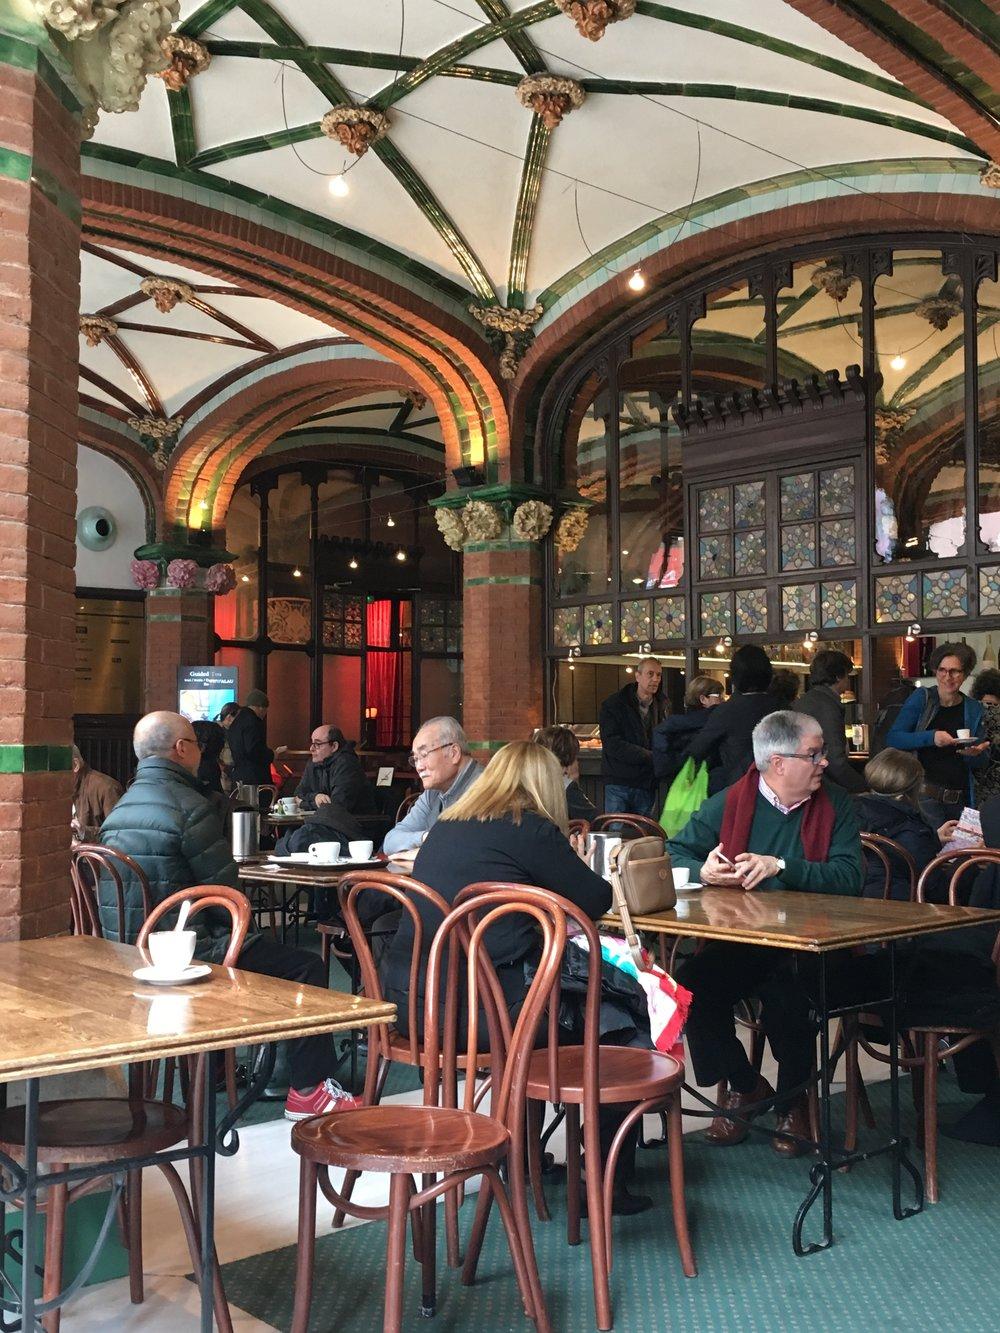 Cafe, Palau de la Musica